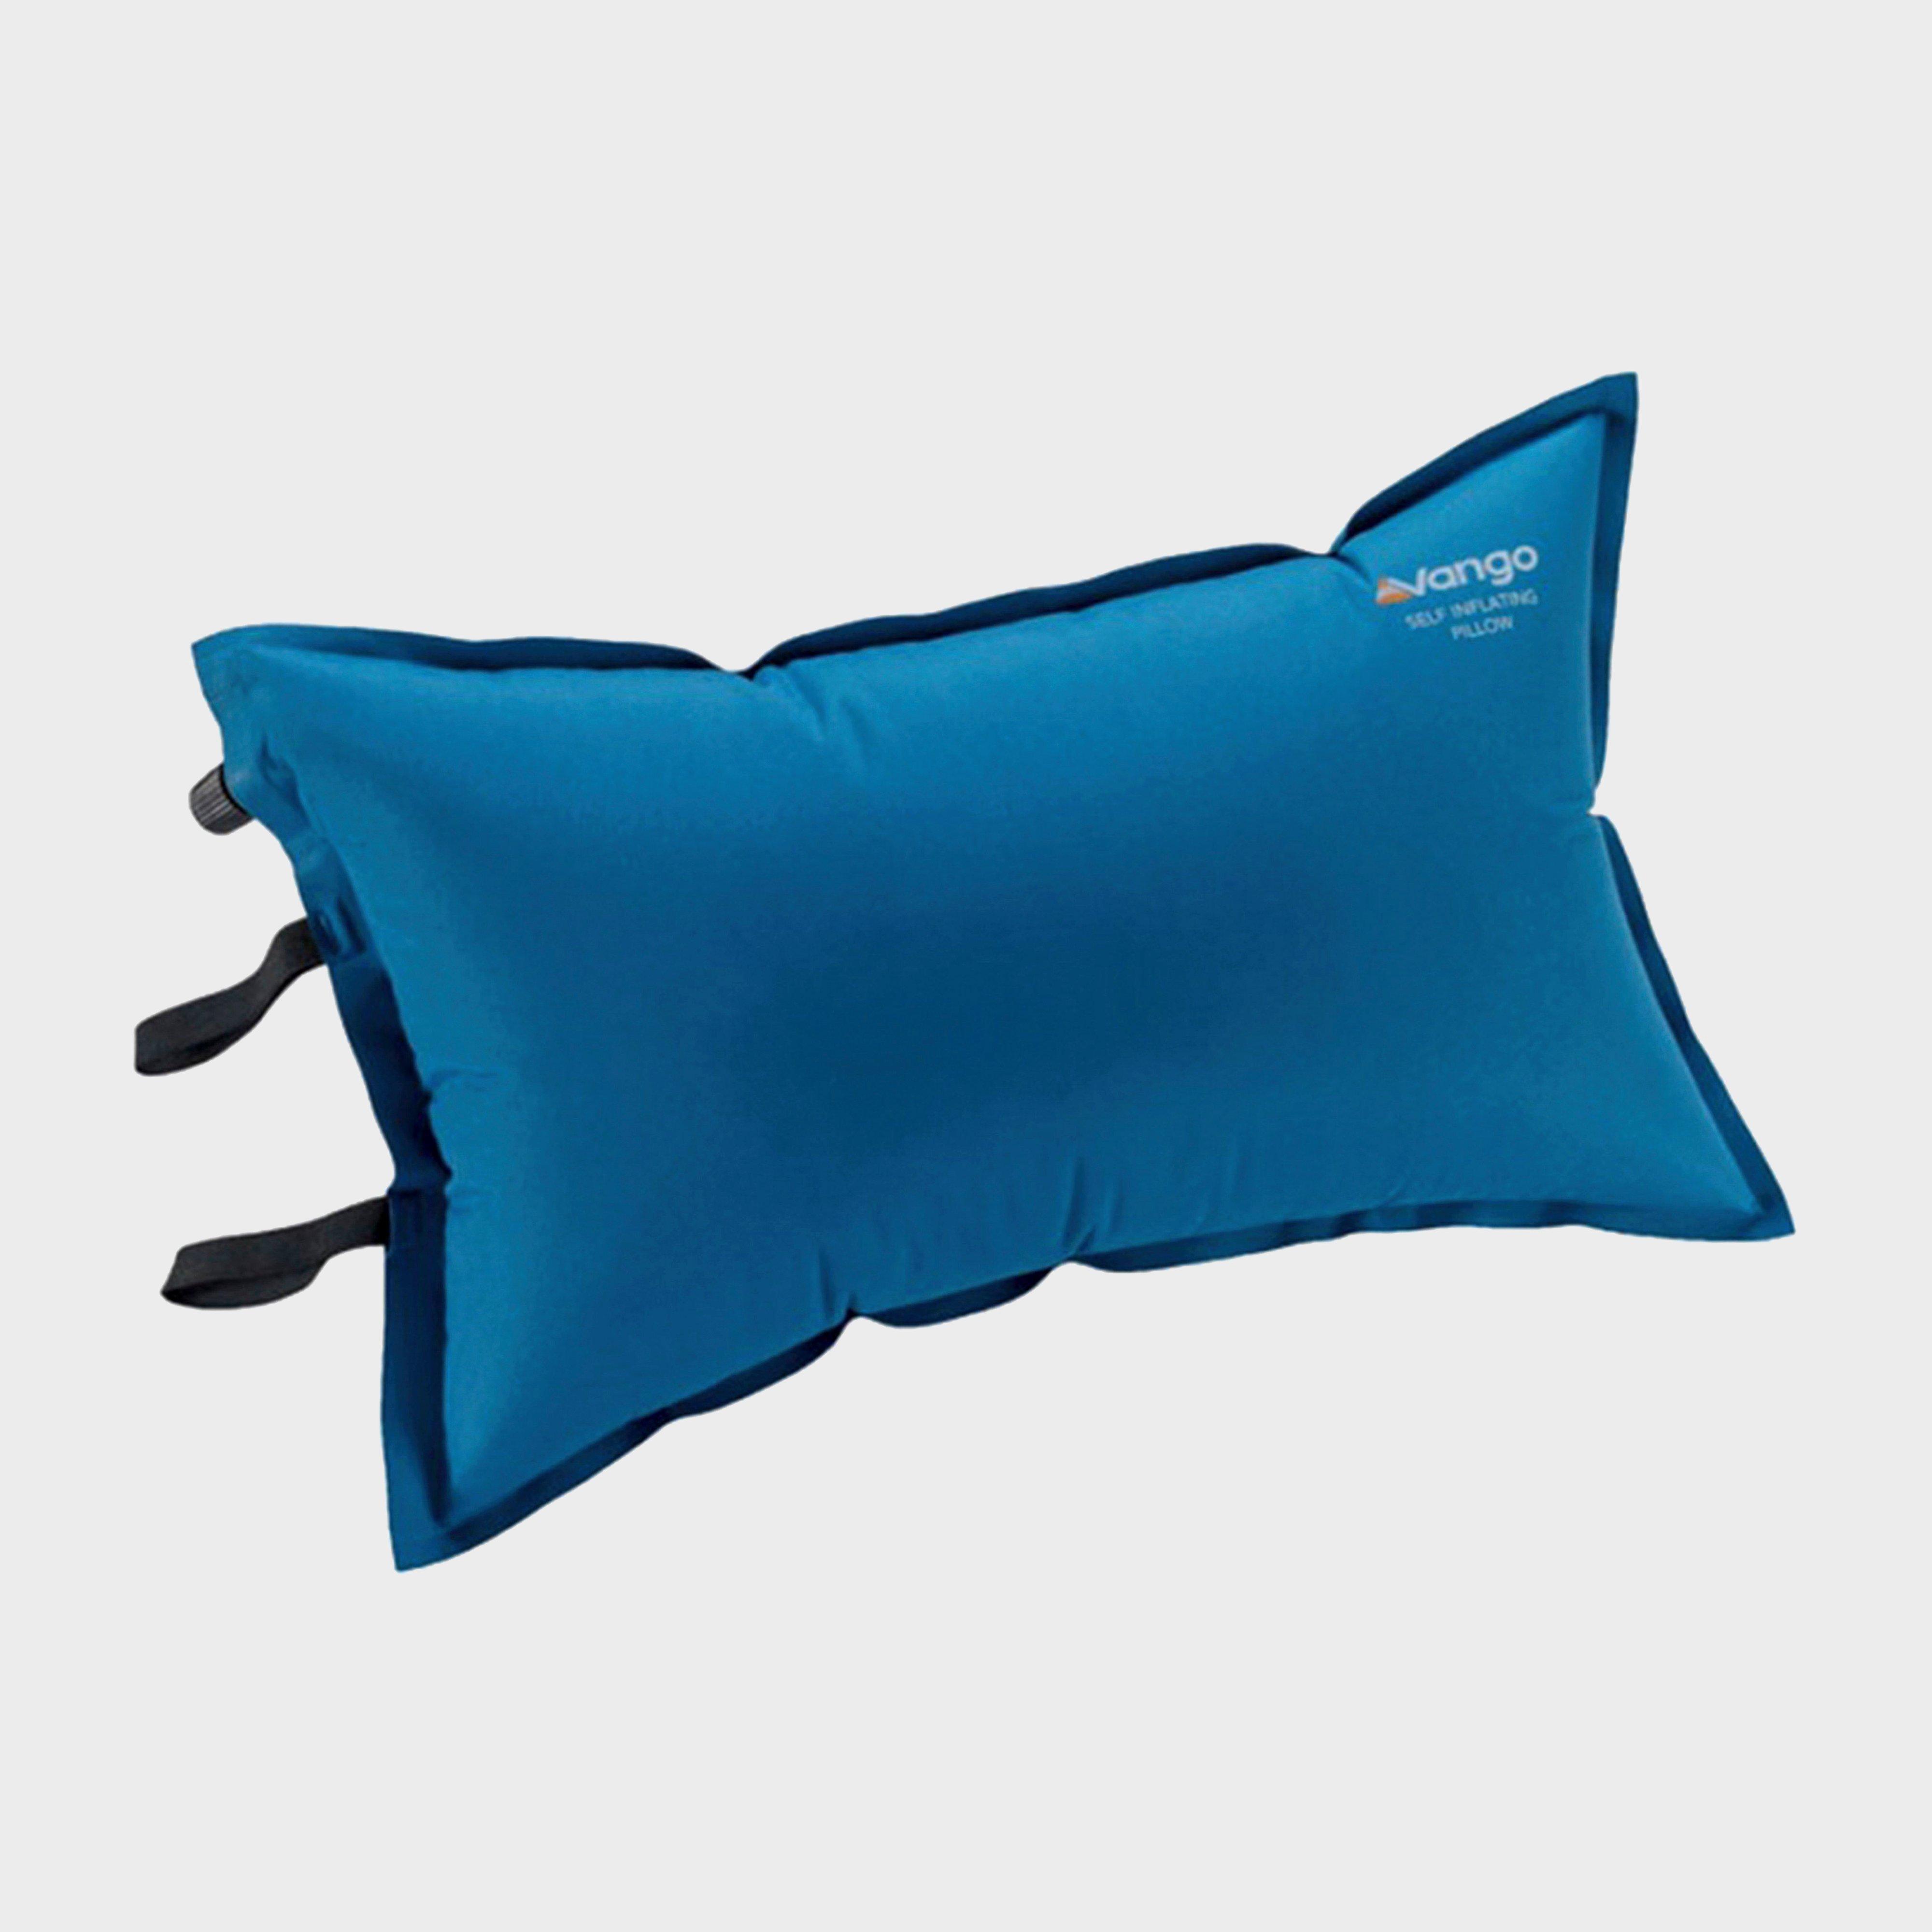 Vango Vango Self-Inflating Pillow - Navy, Navy